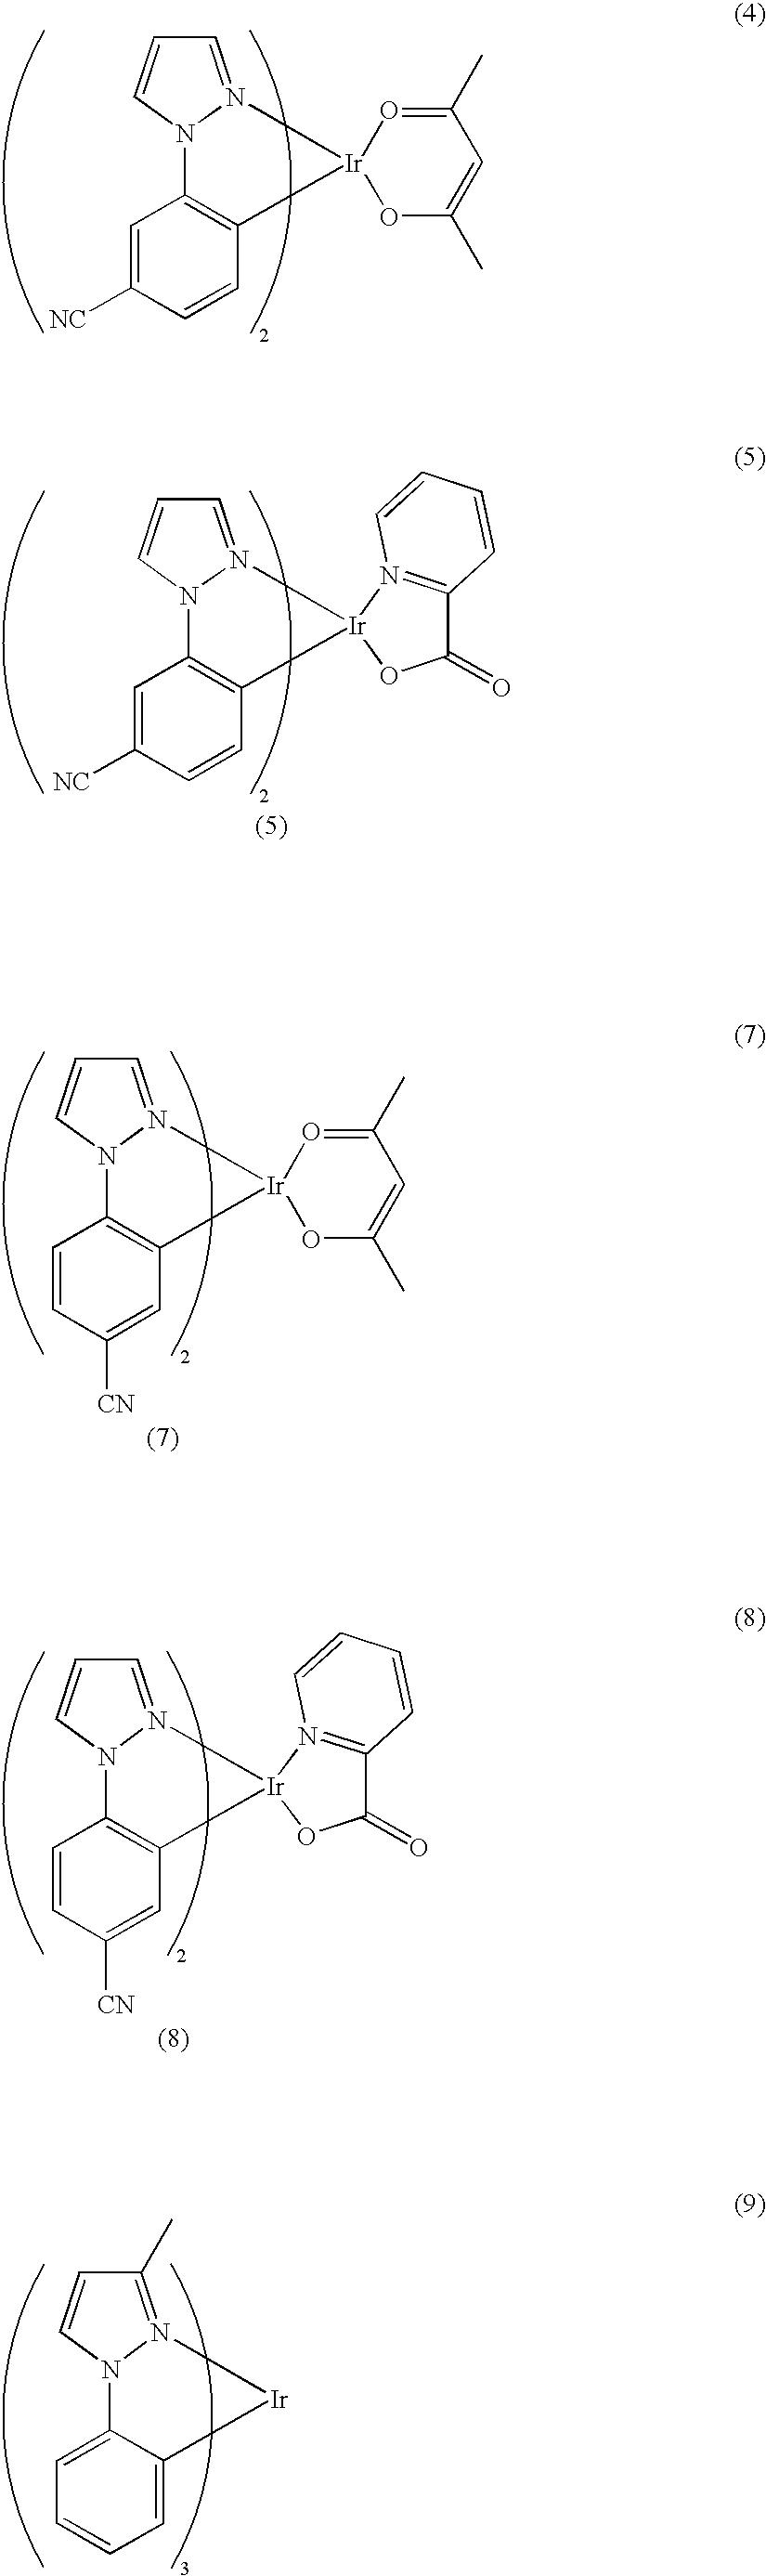 Figure US20050031903A1-20050210-C00012